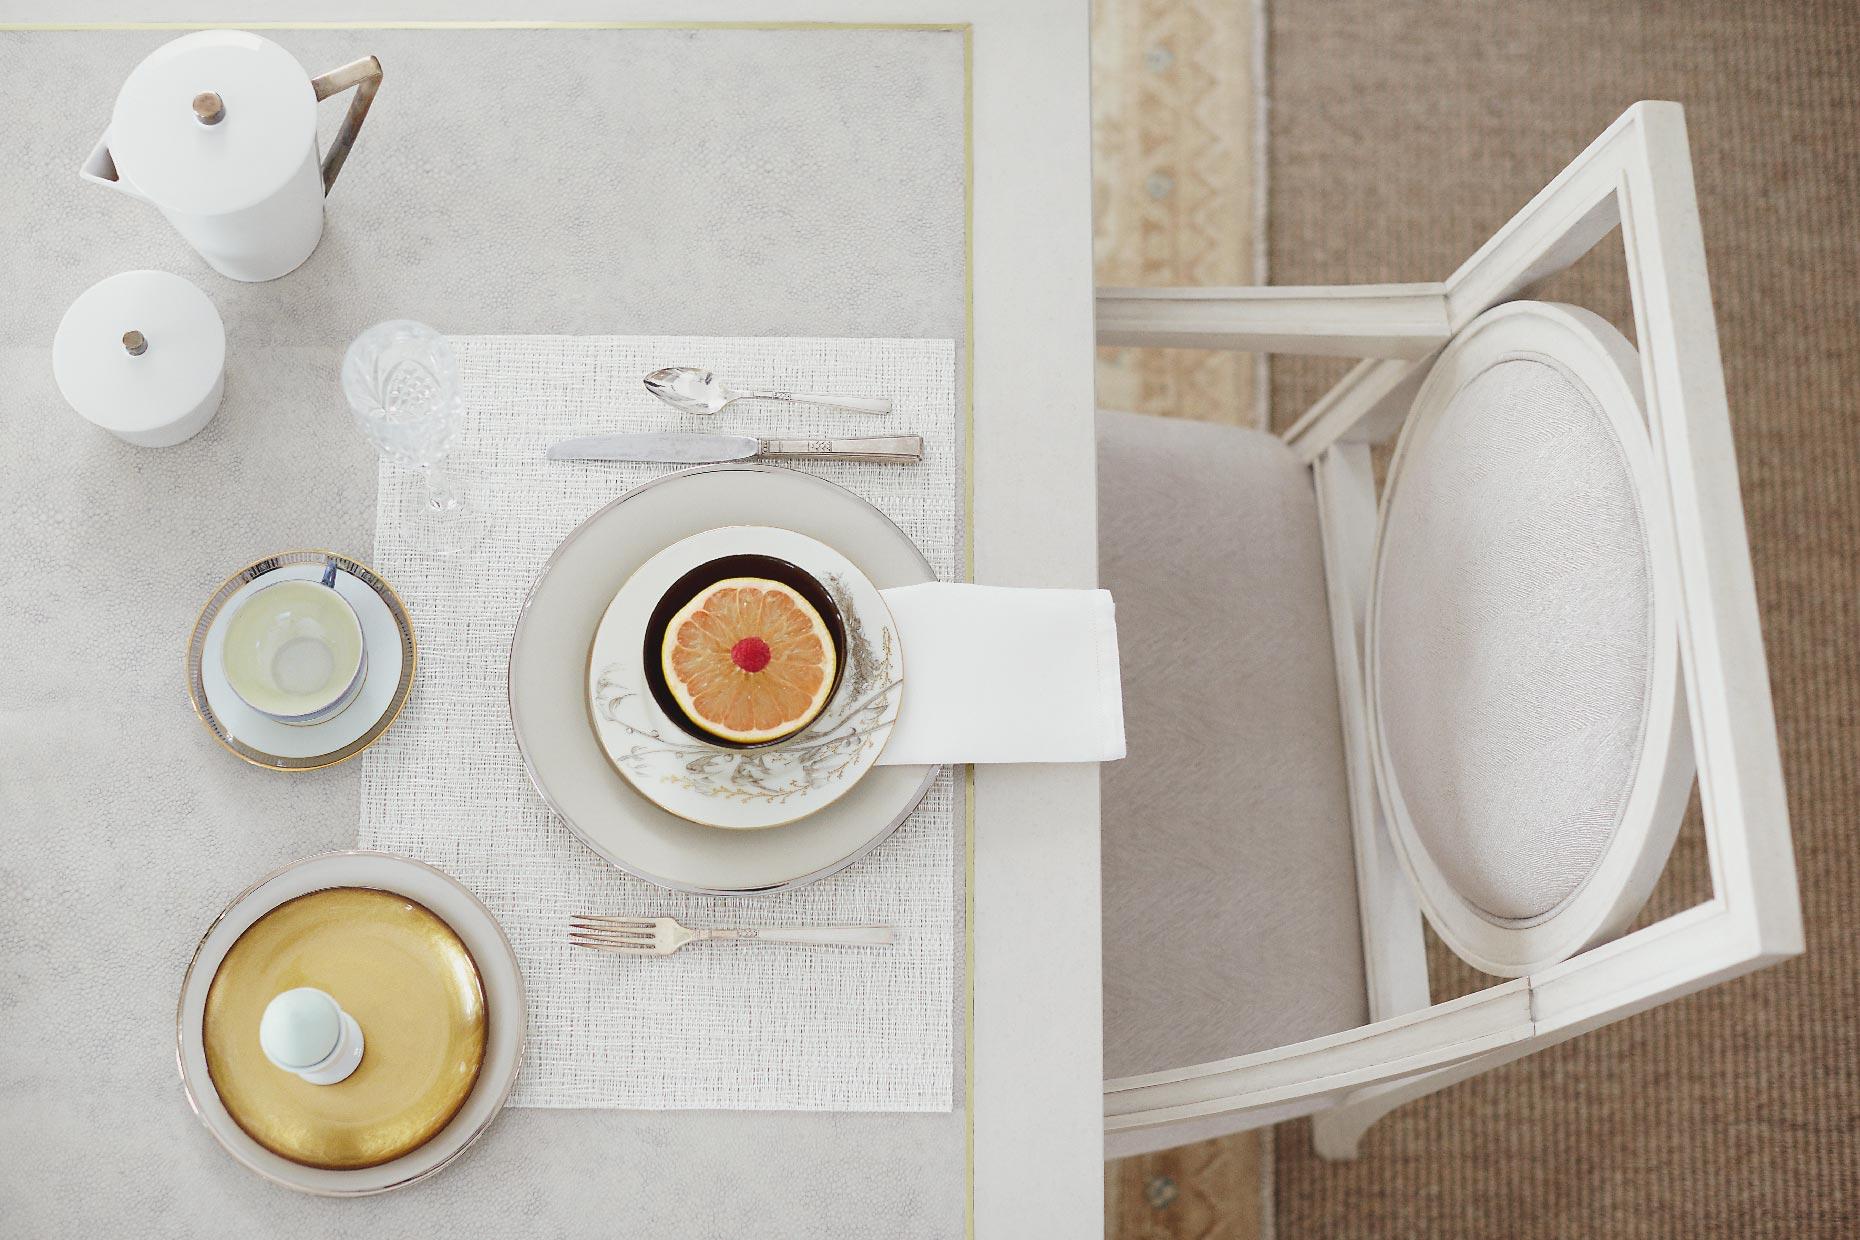 Stacey Van Berkel Photography I Elegant breakfast of pineapple & boiled egg I White on white I Bernhardt Furniture